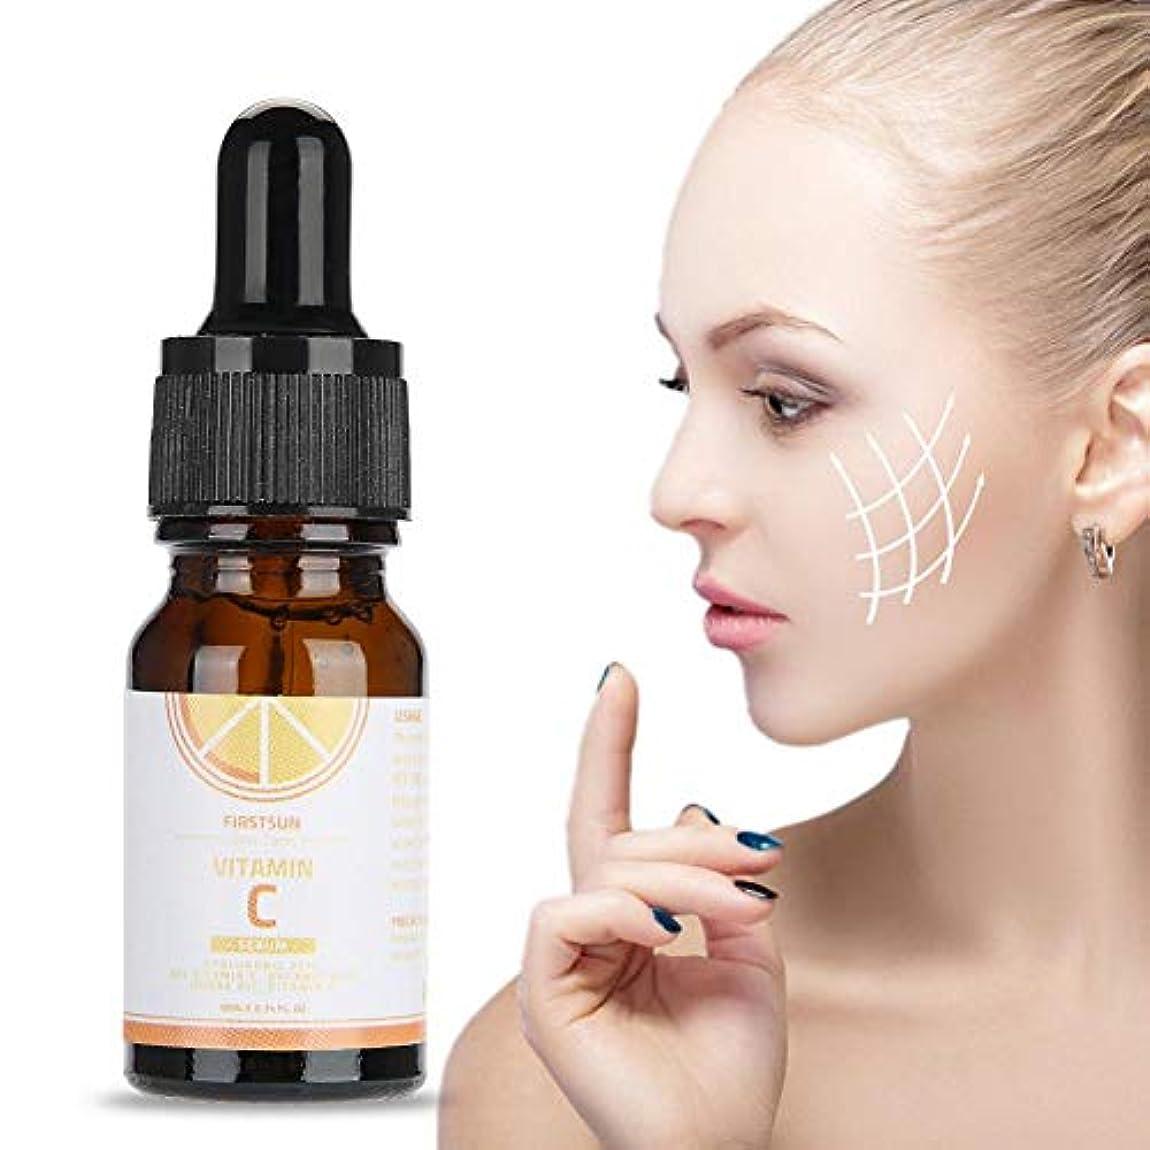 対抗メロドラマつづり10mlビタミンCセラム、ヒアルロン酸補水保湿 縮小毛穴 ヒアルロン酸クリーム 肌の明るさと肌への潤い フェイススキンケア製品